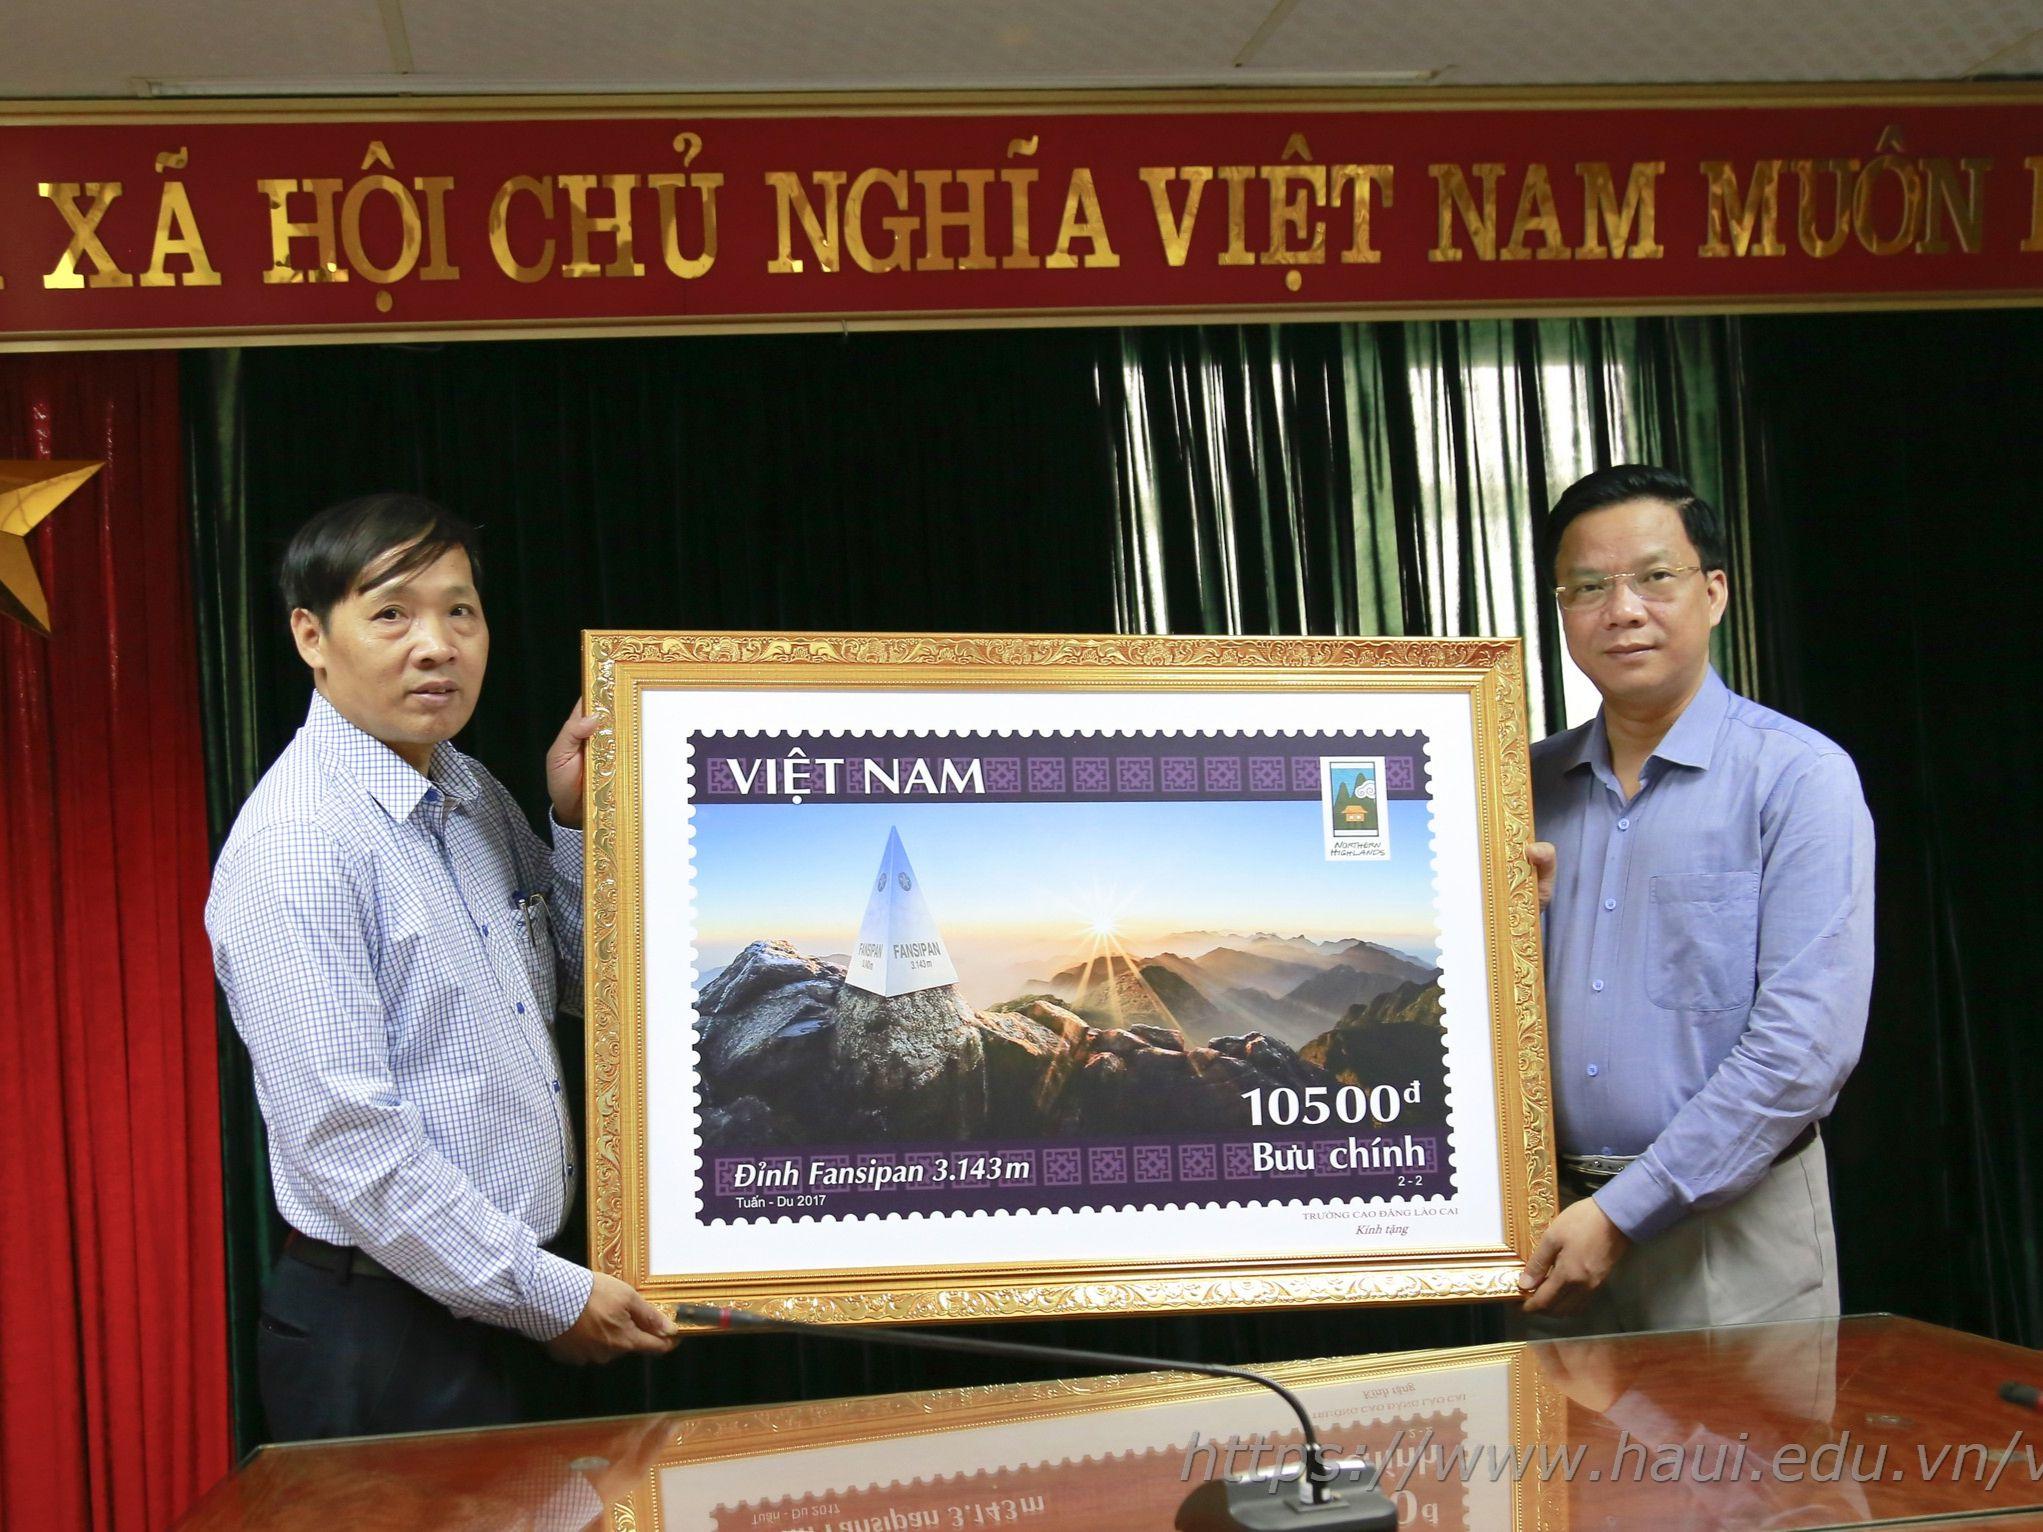 Đoàn cán bộ trường Cao đẳng Lào Cai thăm và làm việc tại Đại học Công nghiệp Hà Nội